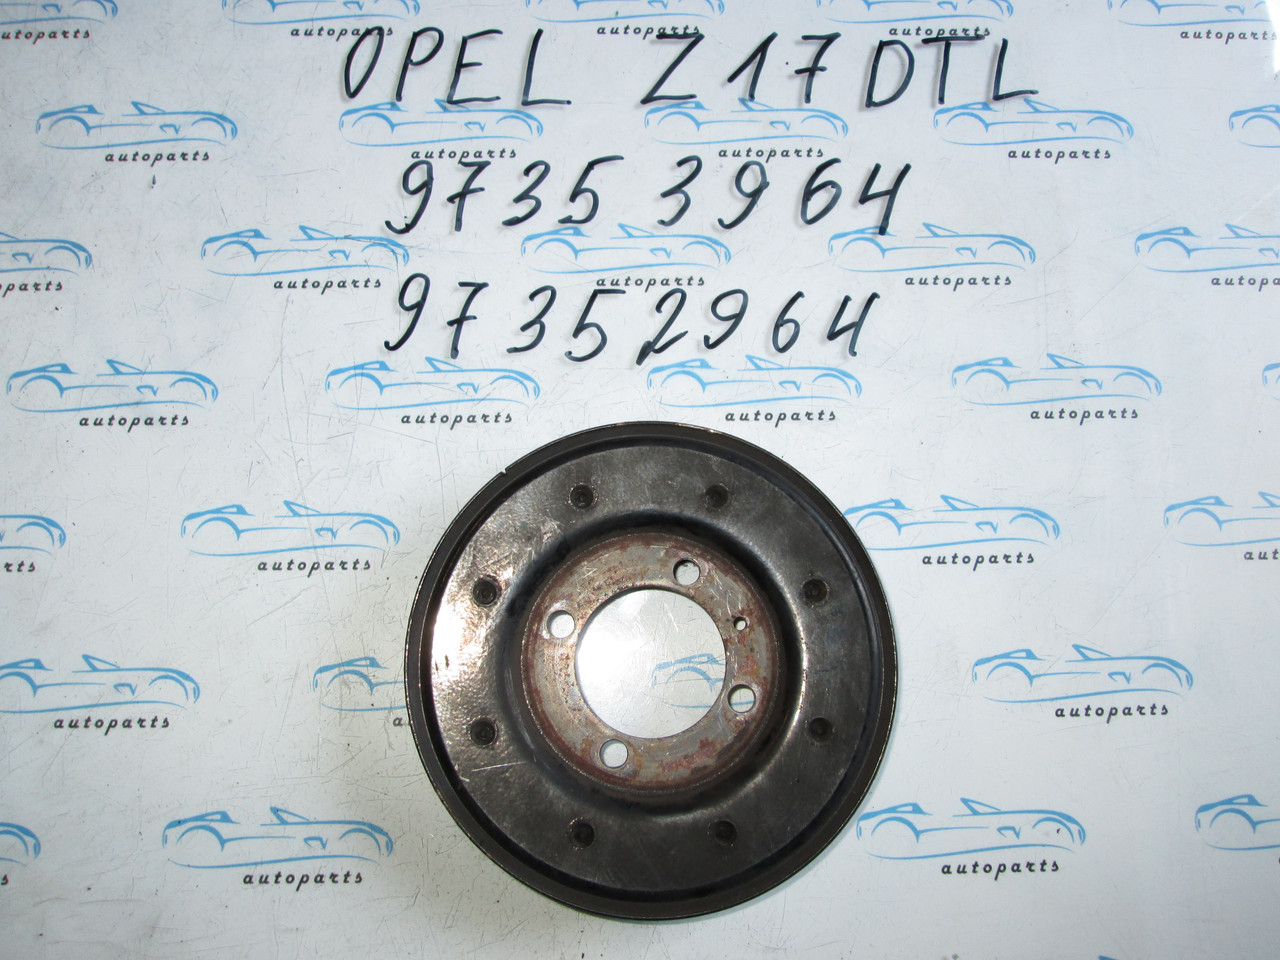 Шкив коленвала Opel 1.7CDTI, Z17DTL, 97353964, 97352964